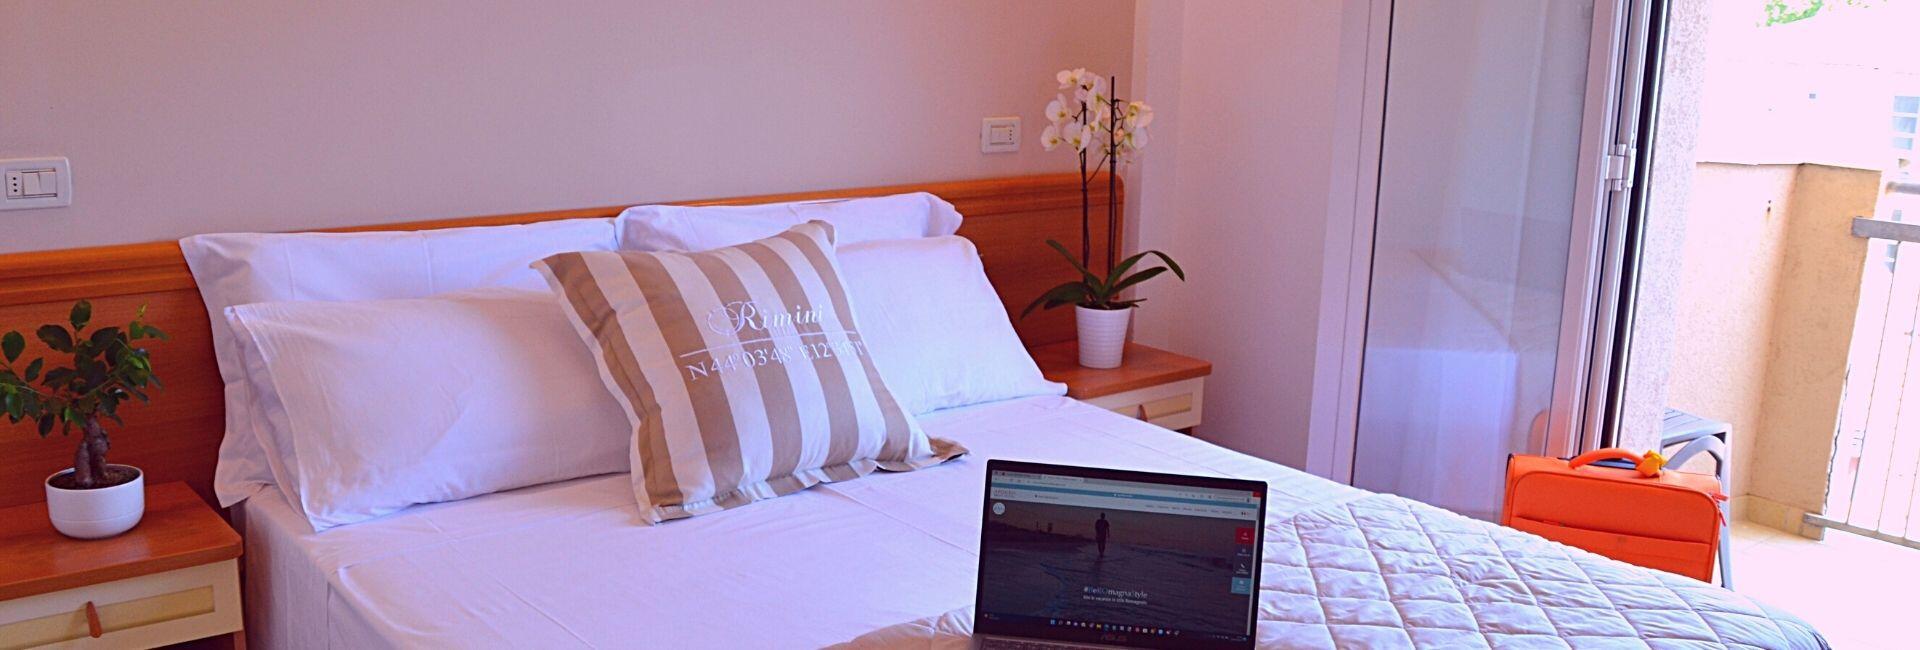 hotelapogeo en rooms 006